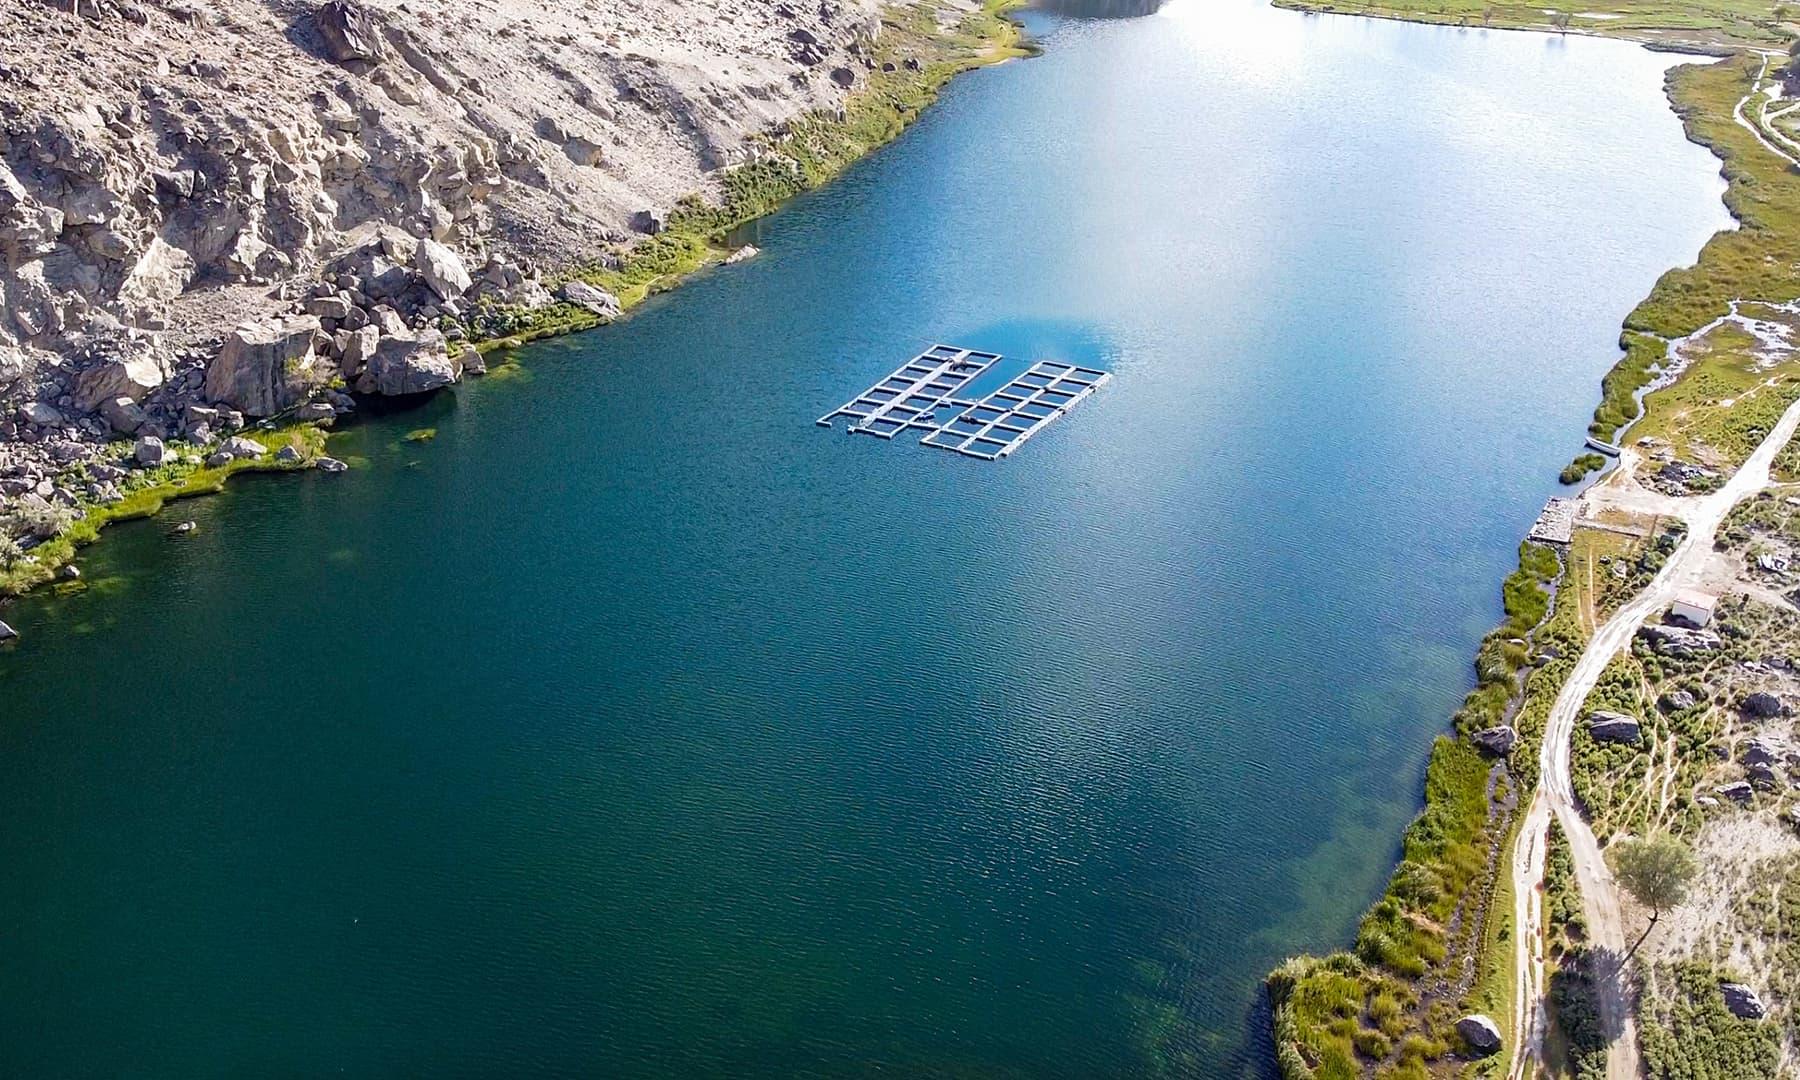 جھیل کی لمبائی تقریباً 1200 فٹ اور چوڑائی لگ بھگ 300 فٹ ہے